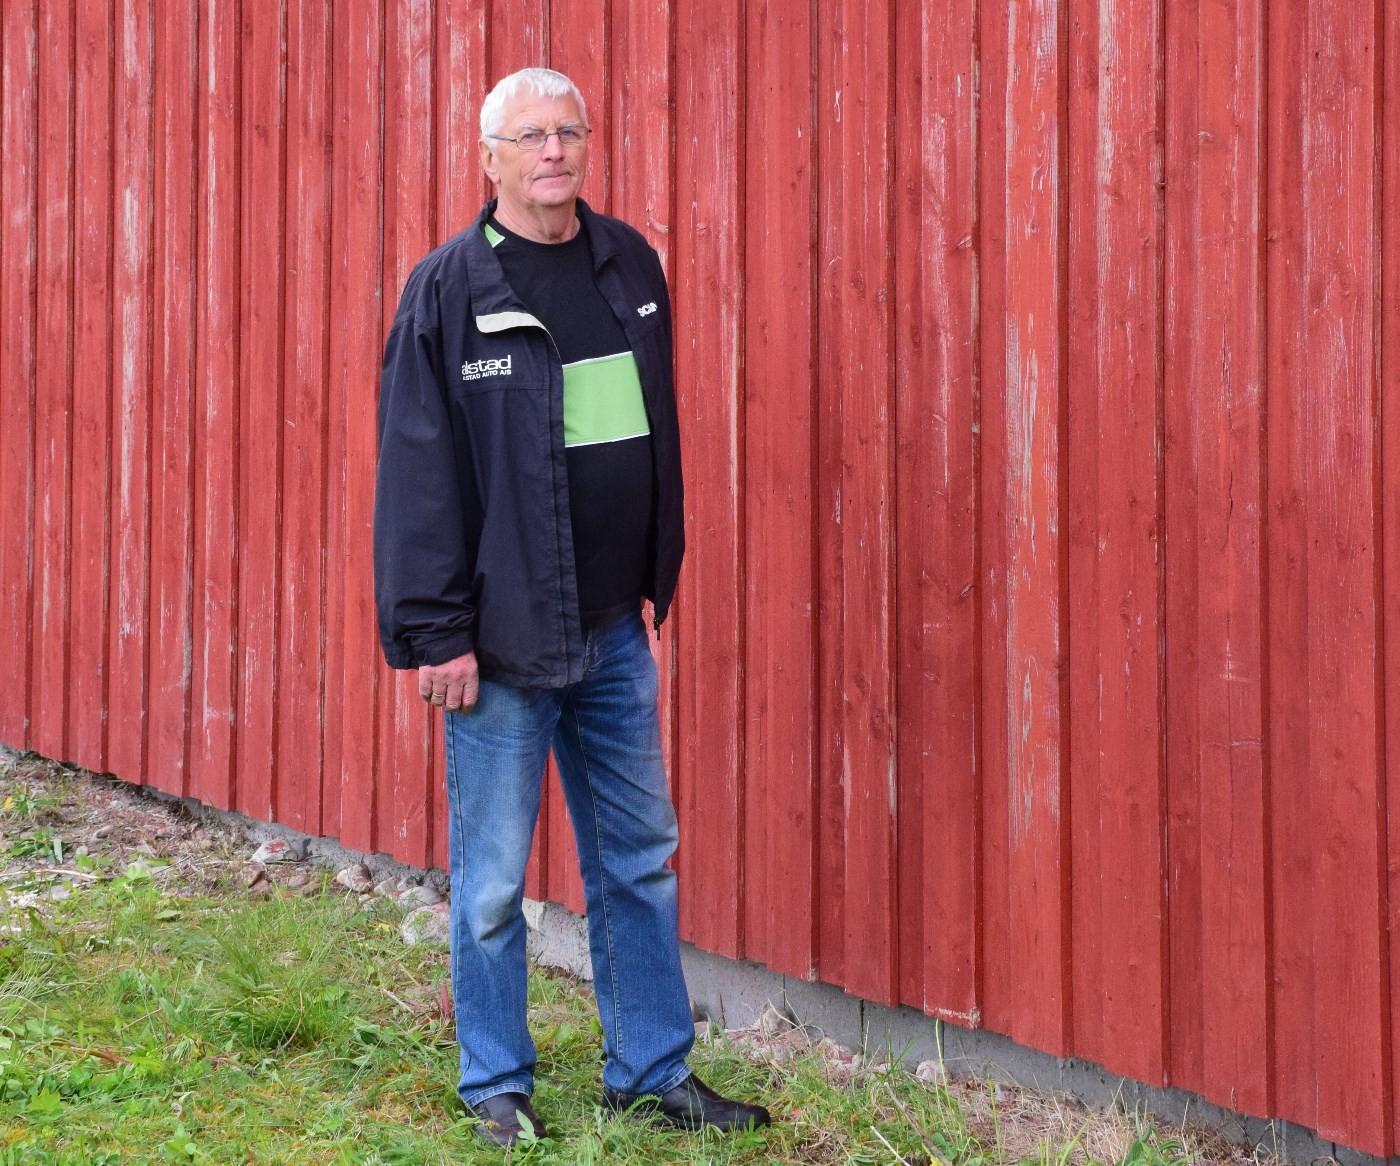 Veggene er ferdig skråpa og klare for eit strøk med måling, seier Gudmund Kvendset.  Foto: Jon Olav Ørsal